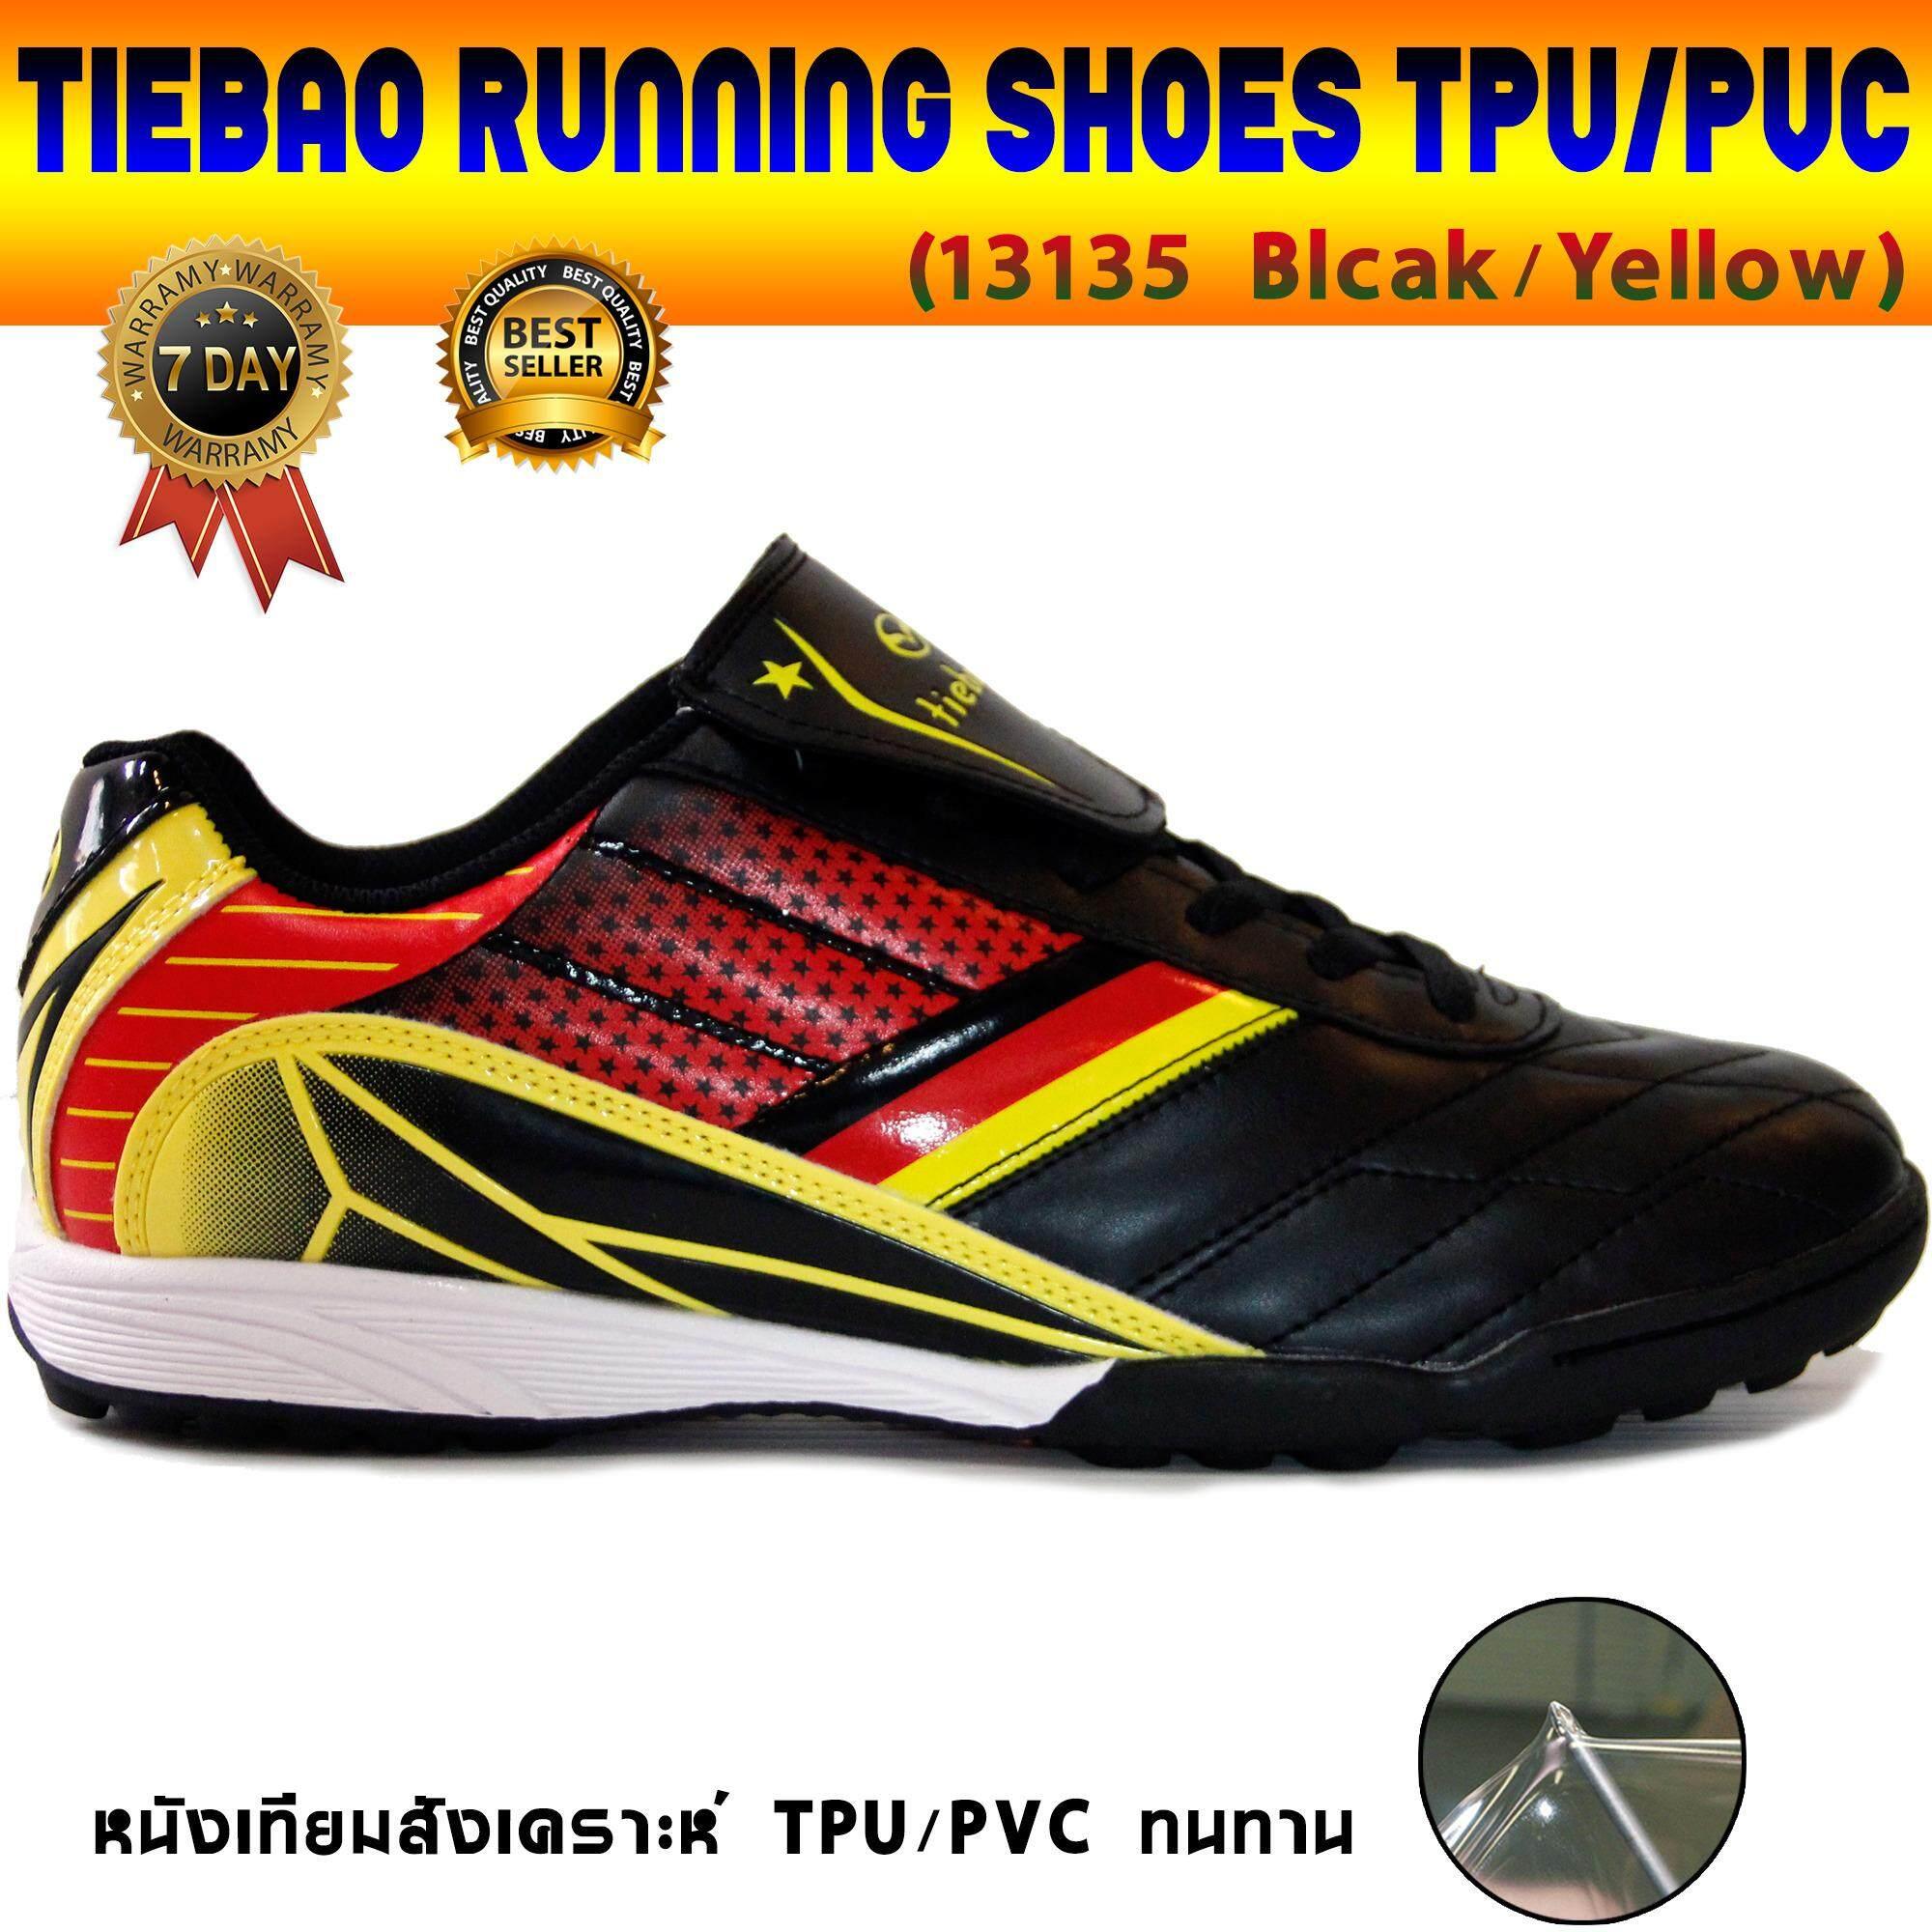 ราคา Tiebao Running Shoes รองเท้าวิ่ง รองเท้าฟกีฬา รองเท้า ออกกำลังกาย Black Yellow 13135 กรุงเทพมหานคร